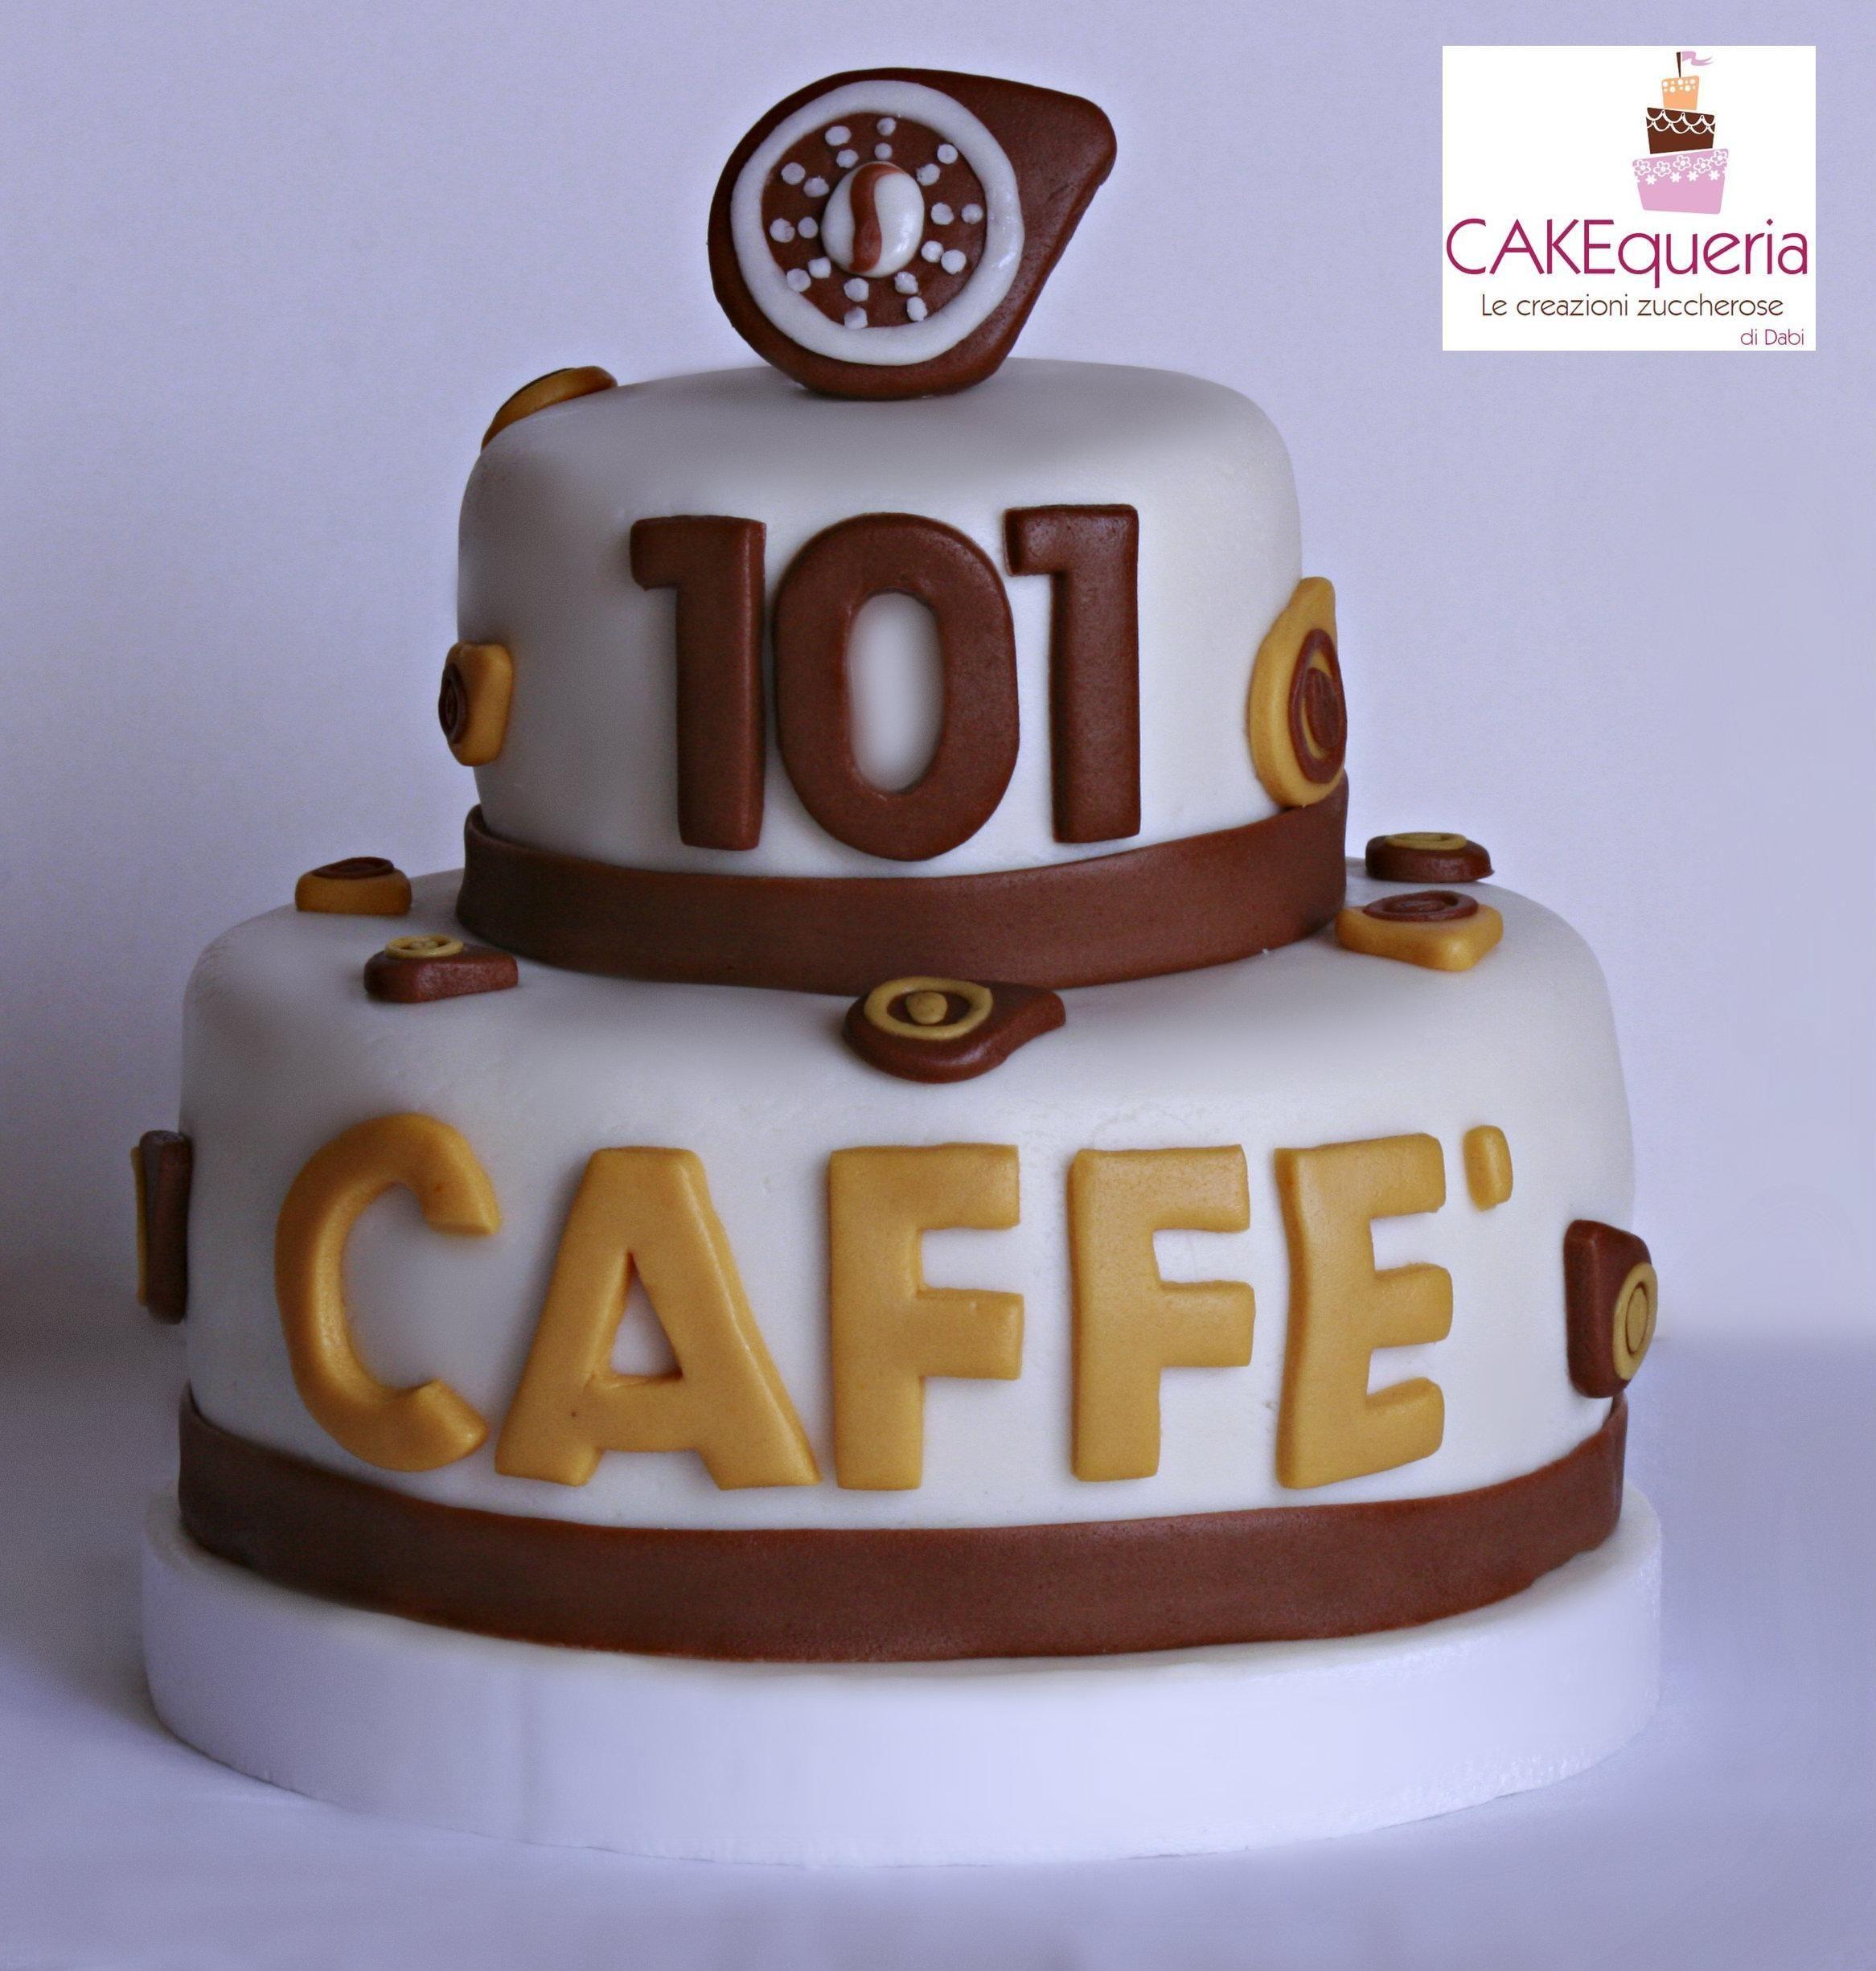 Inaugurazione 101 Caffè!